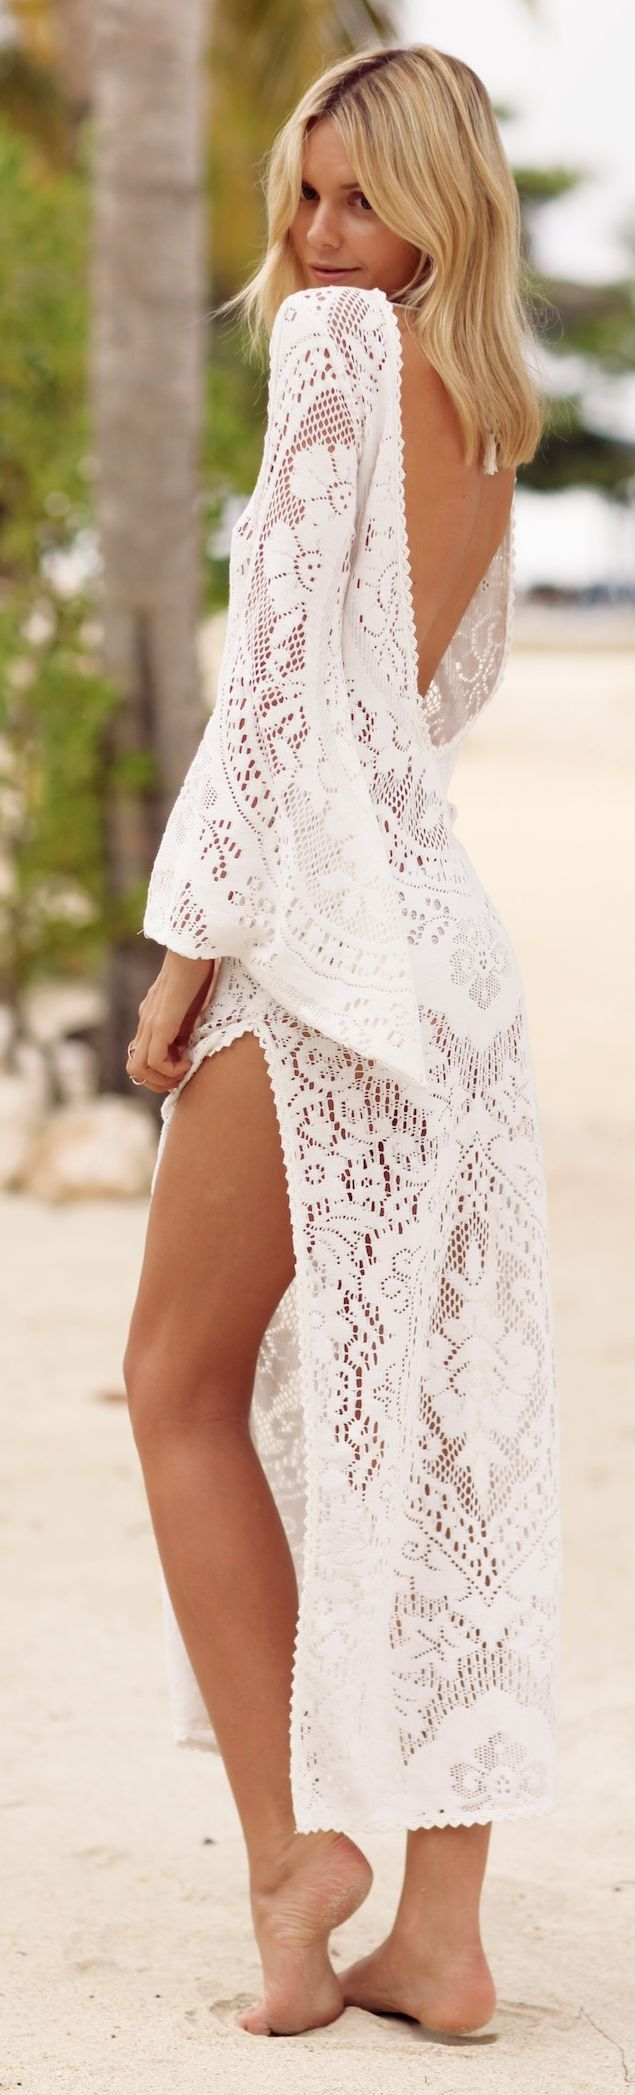 best knittingcrochet images on pinterest crochet dresses